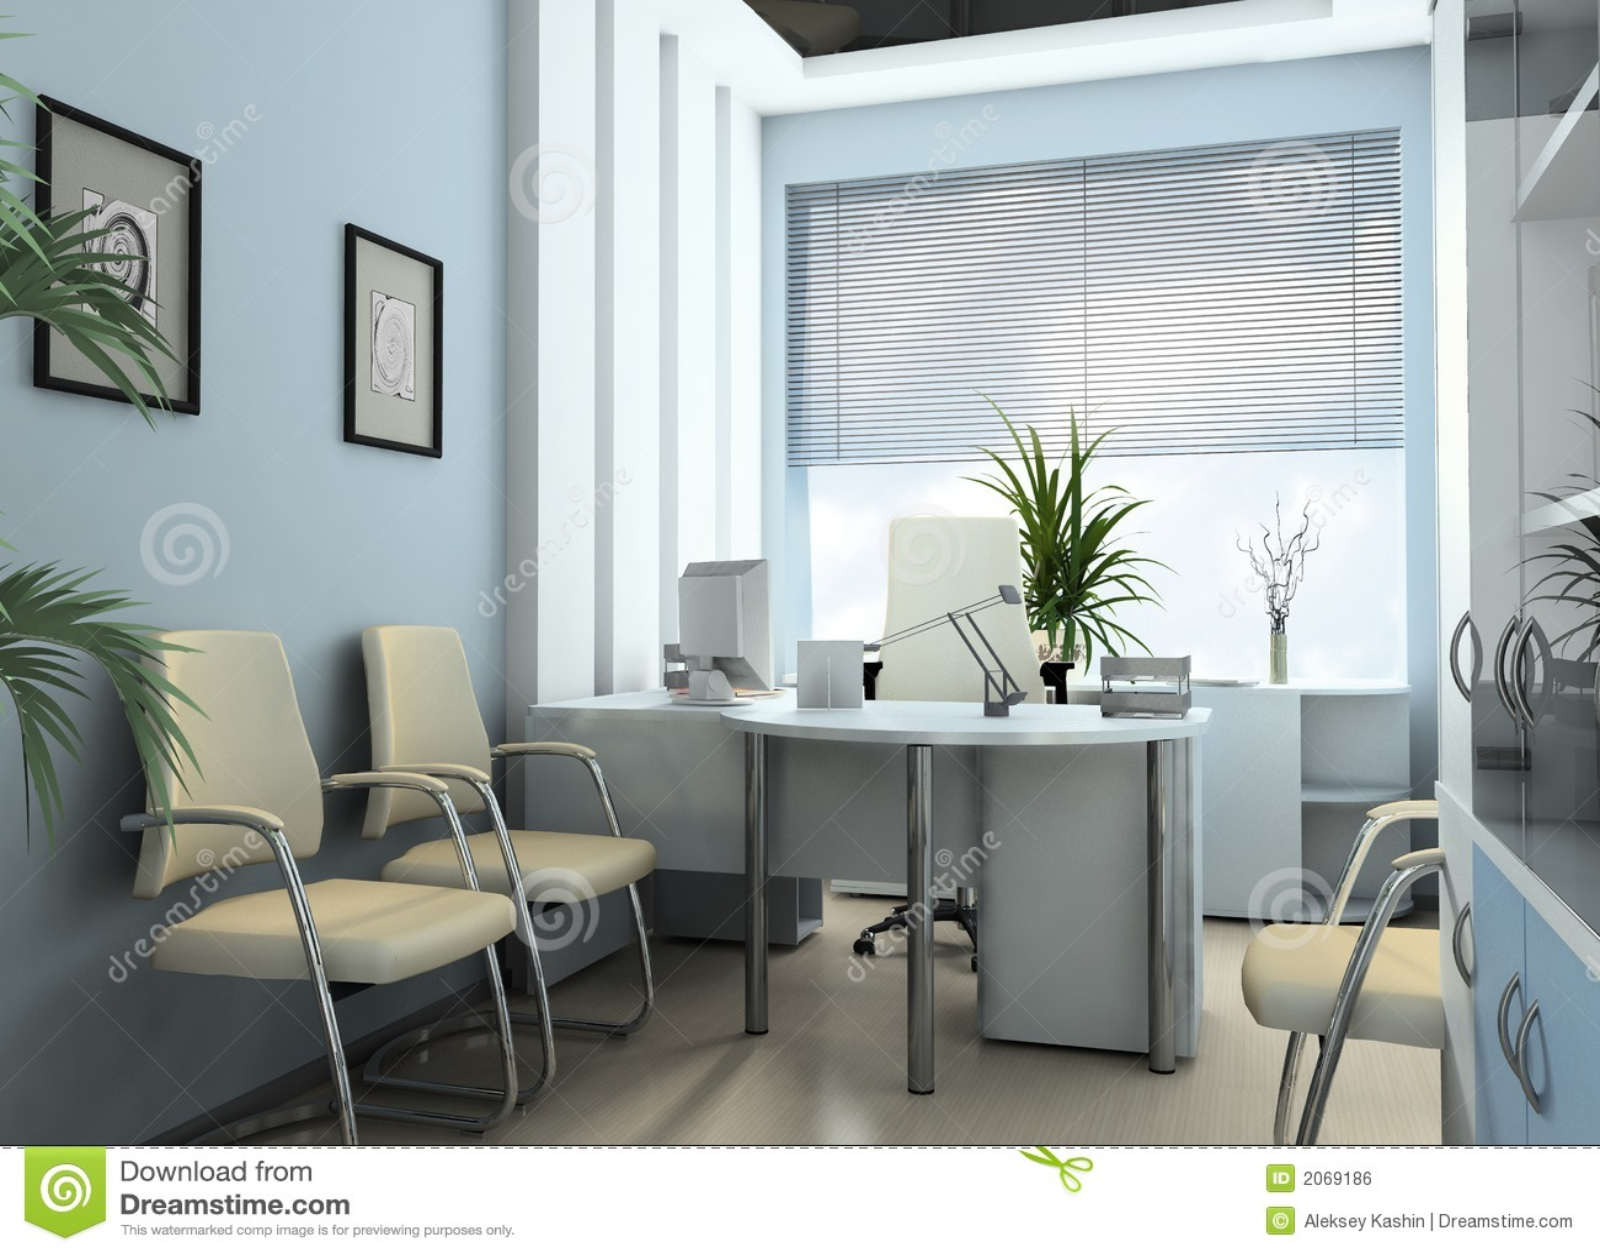 Oficina moderna del contador foto de archivo imagen de for Concepto de oficina moderna